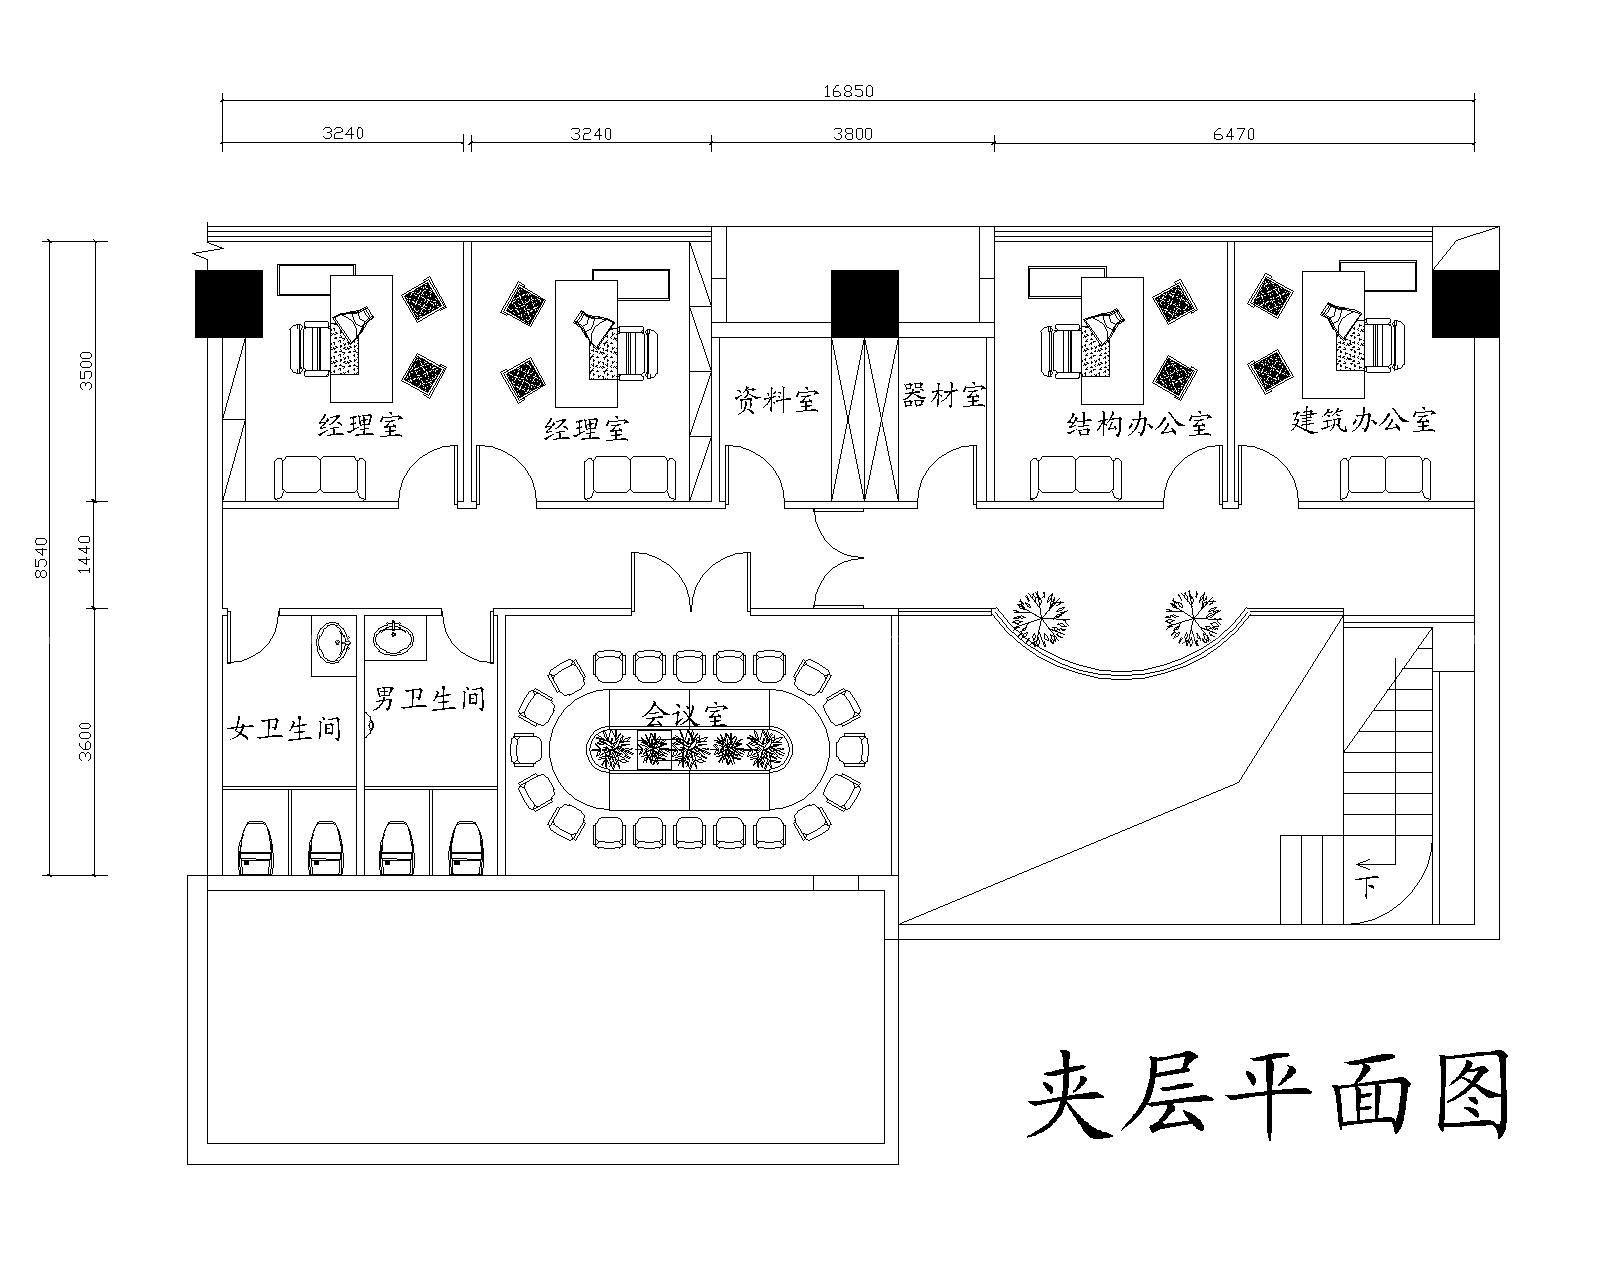 100平米办公楼平面布置图